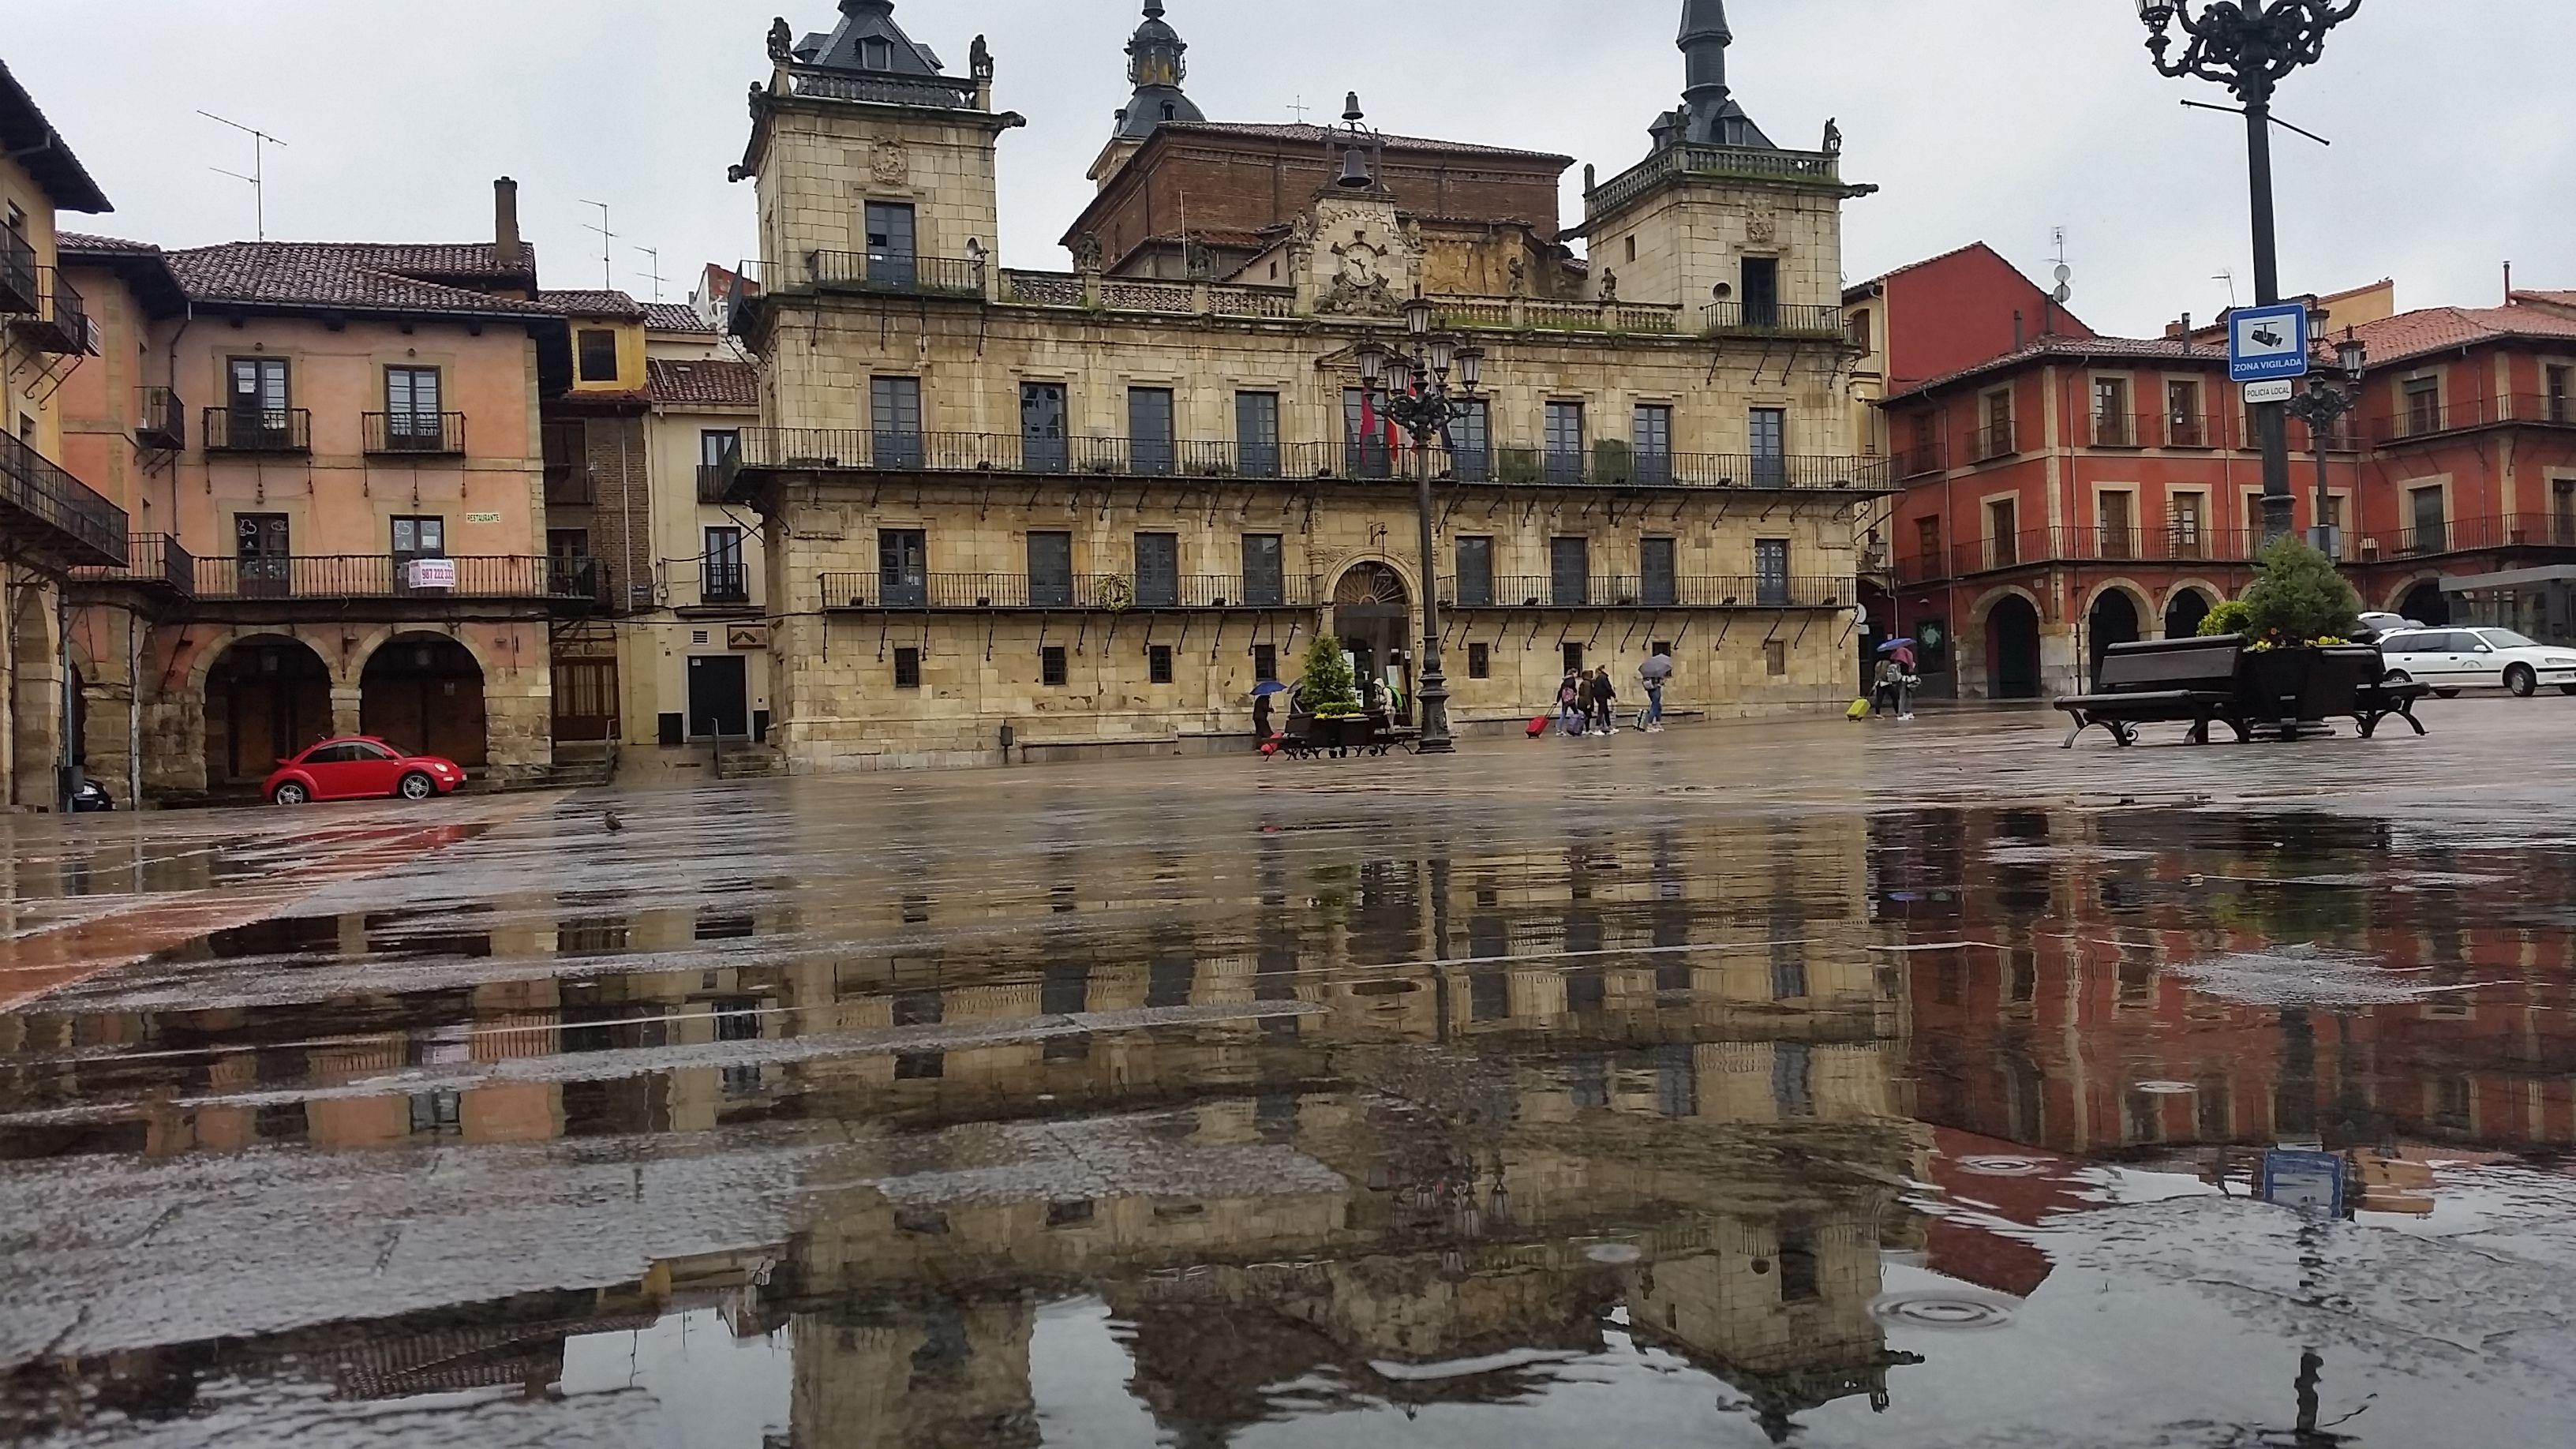 Reflejos en la Plaza Mayor de León #leonesp